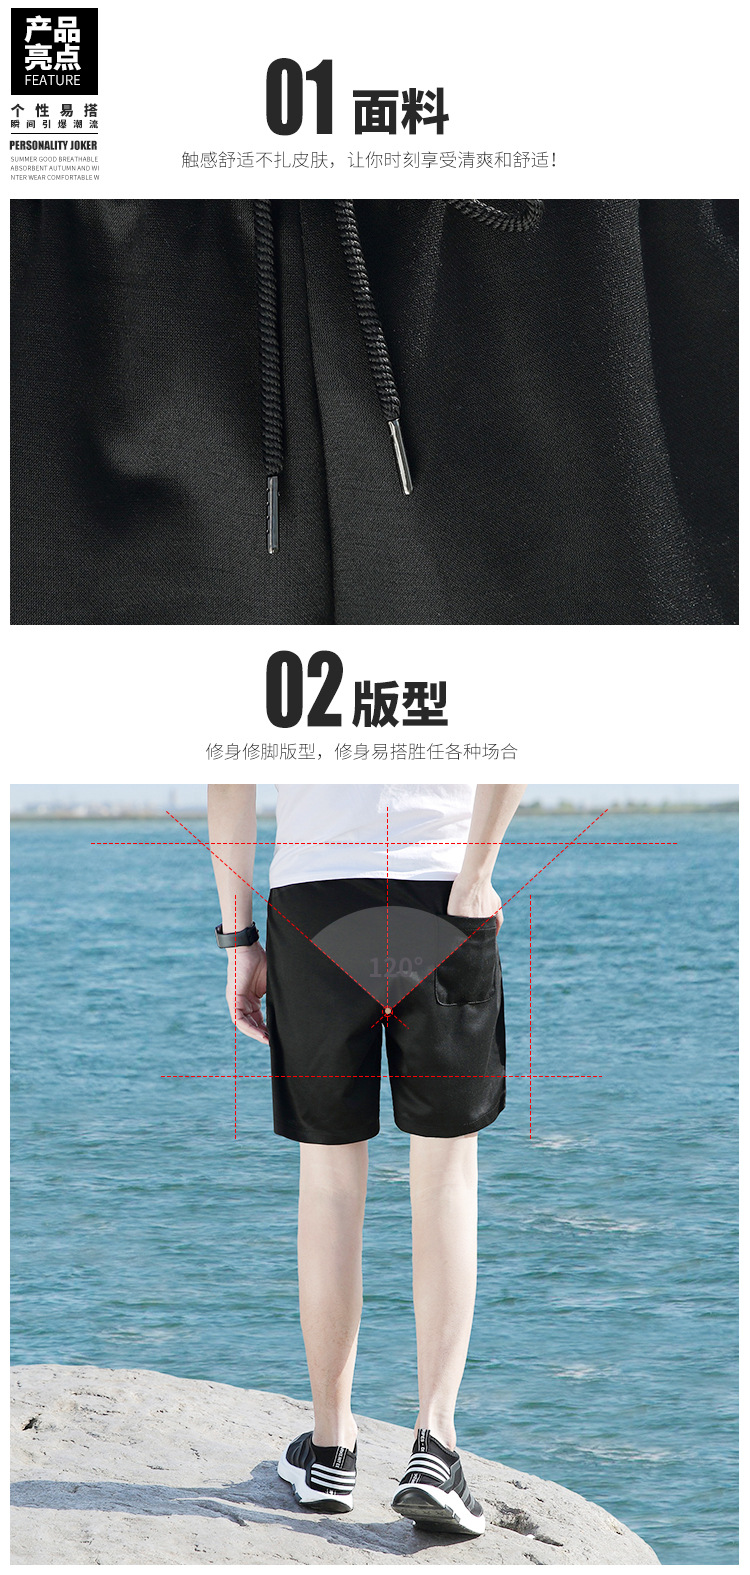 男式休闲裤 民族风款男短裤韩版男式 沙滩裤批发运动五分裤子男示例图2